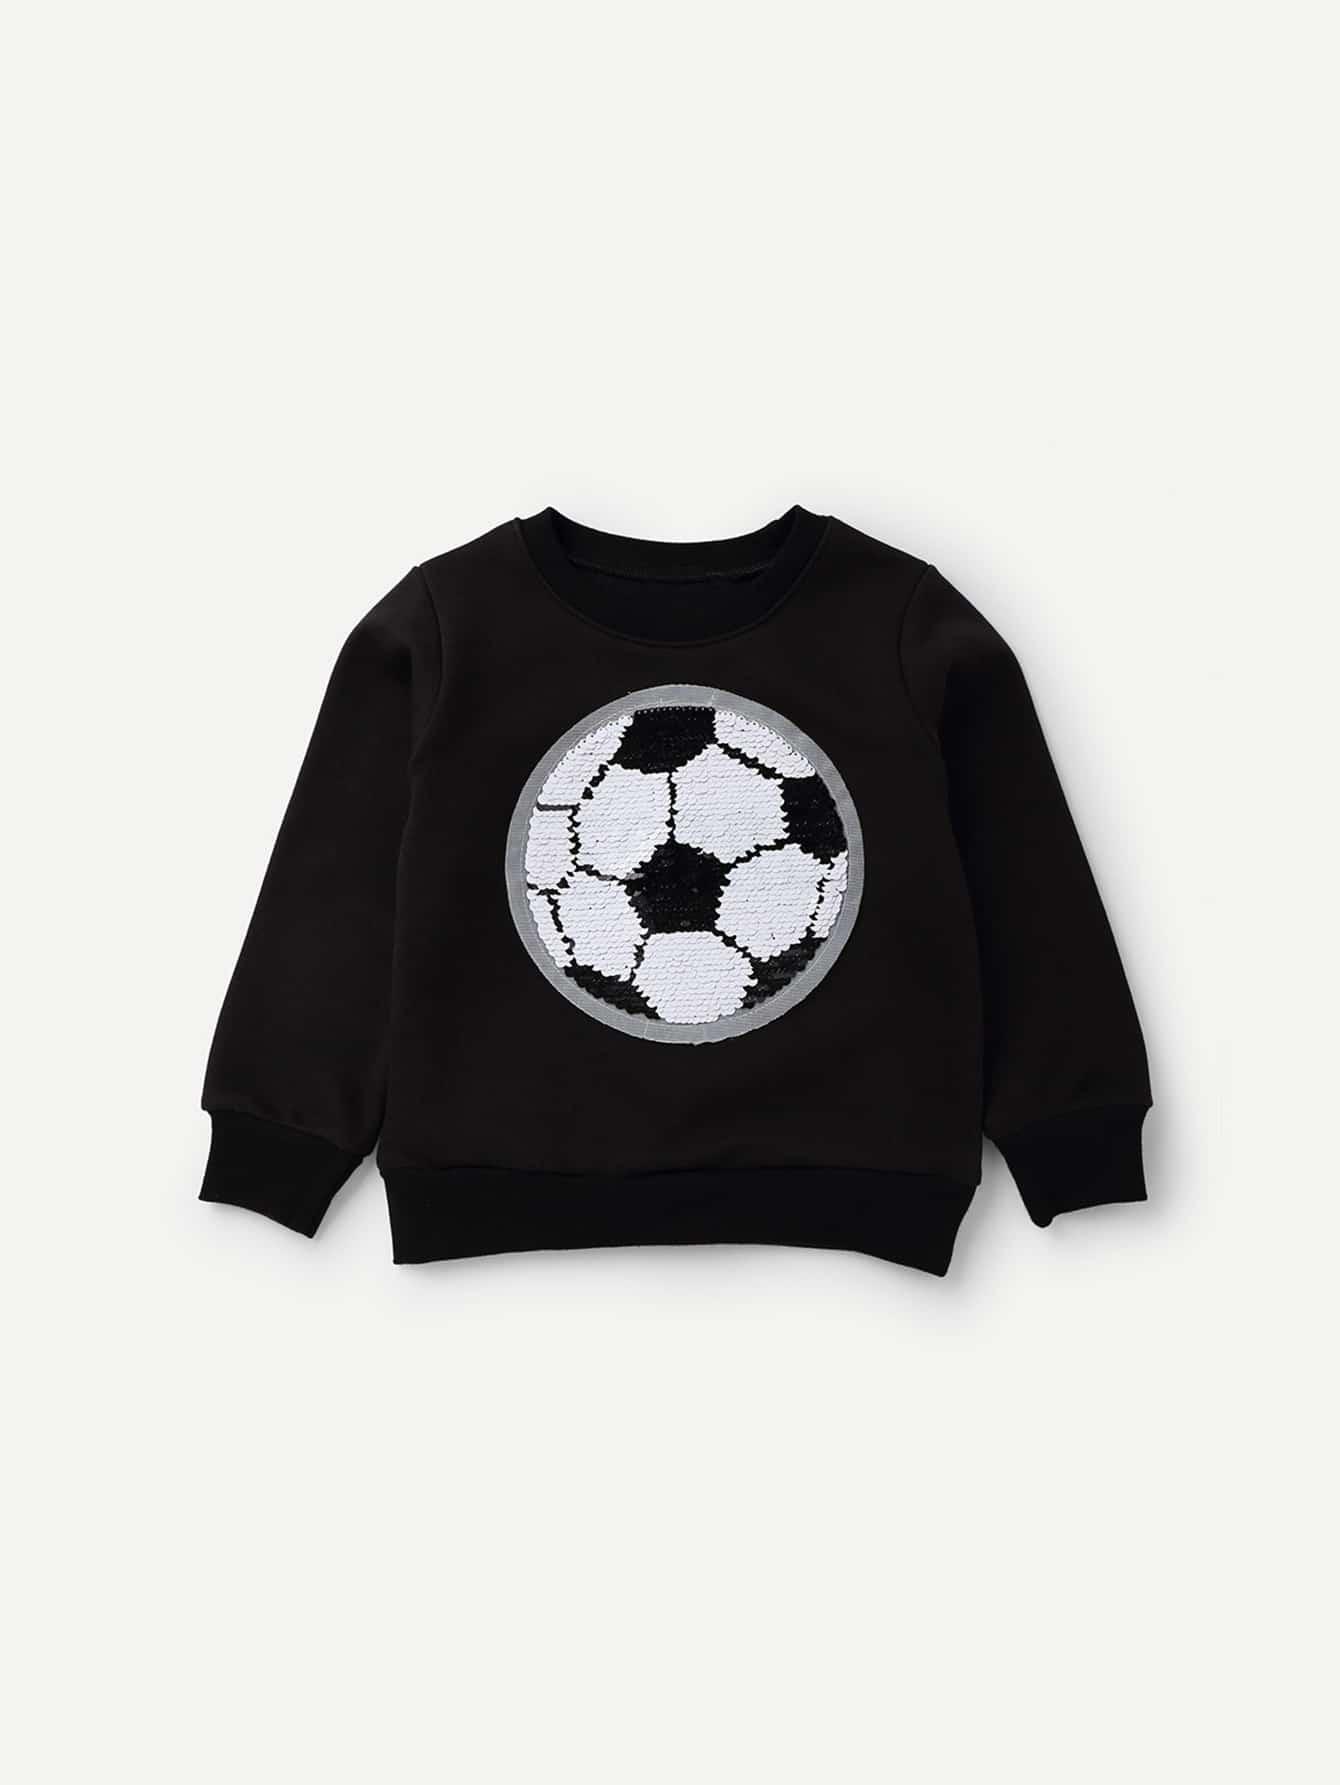 Купить Повседневный Пуловеры Черный Свитшоты для мальчиков, null, SheIn